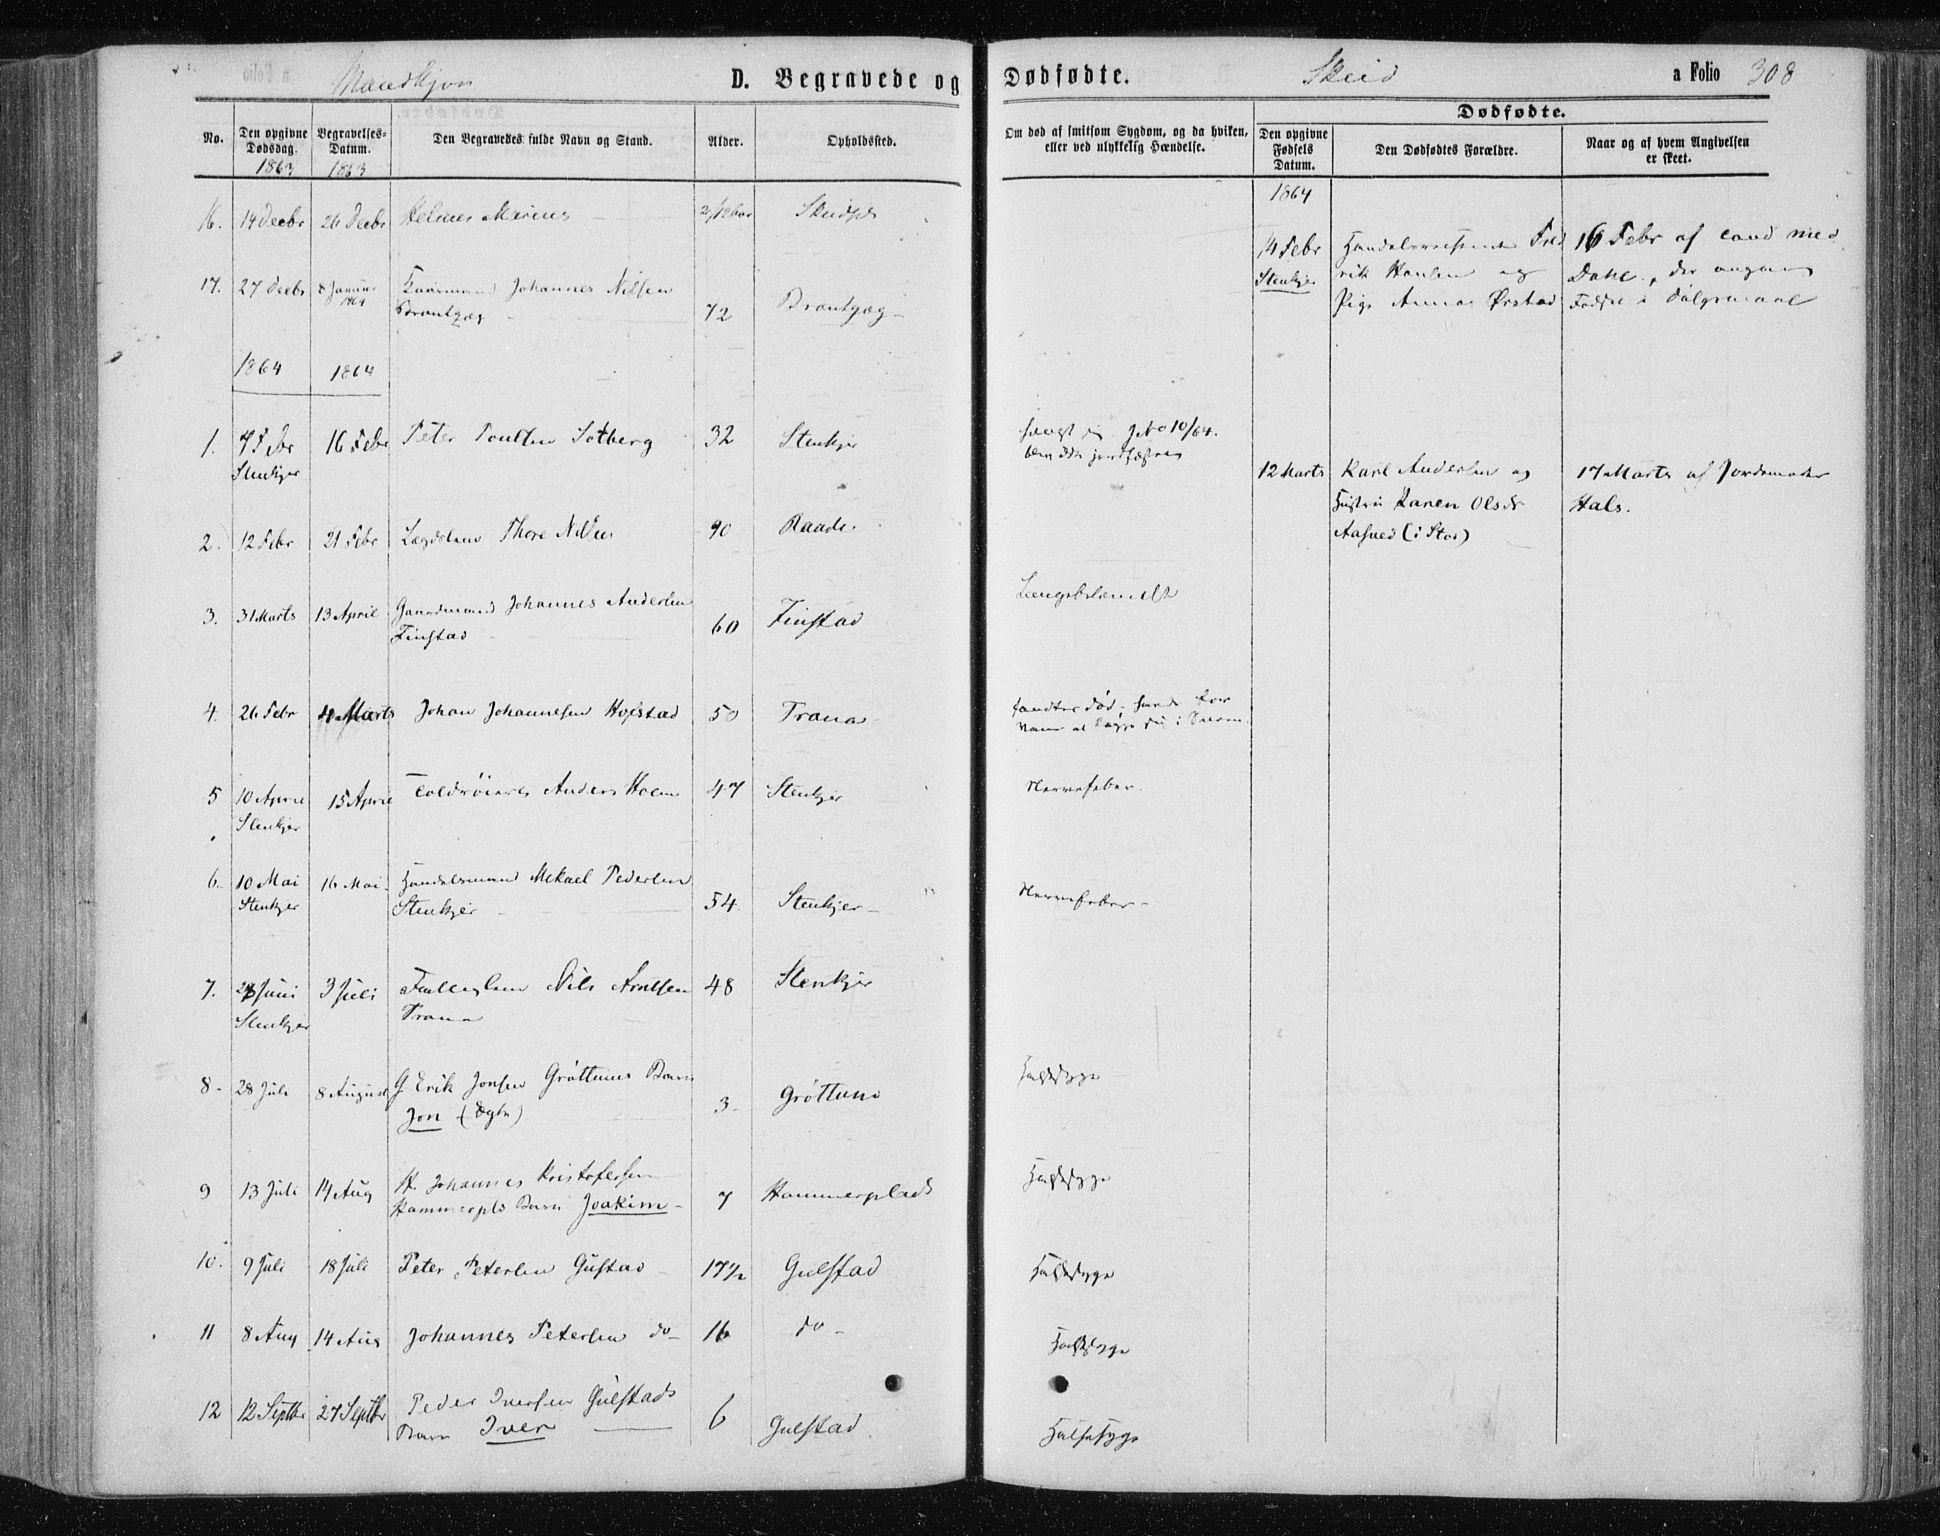 SAT, Ministerialprotokoller, klokkerbøker og fødselsregistre - Nord-Trøndelag, 735/L0345: Ministerialbok nr. 735A08 /2, 1863-1872, s. 308